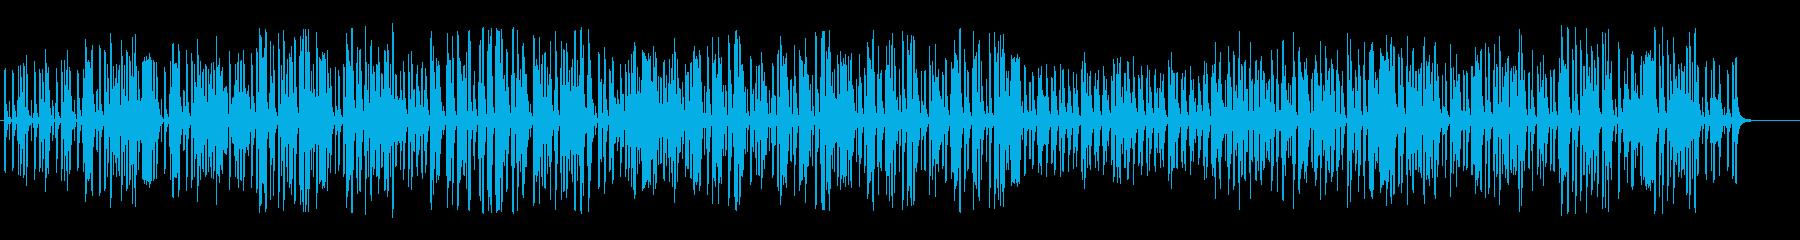 まったりふわふわオーケストラポップの再生済みの波形